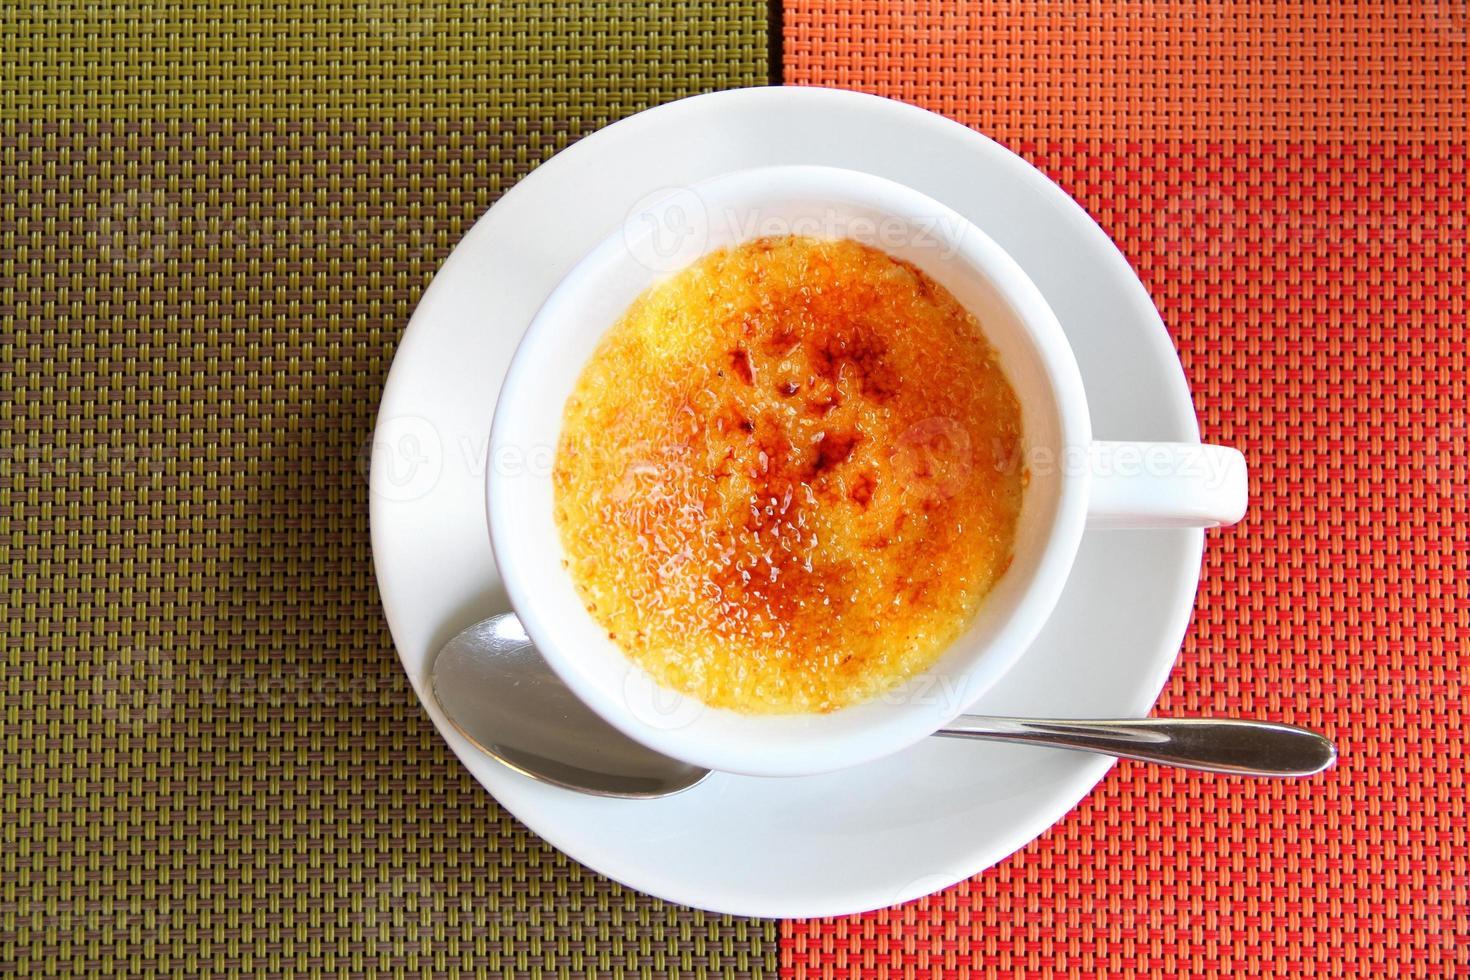 crème brûlée dans une tasse à café photo